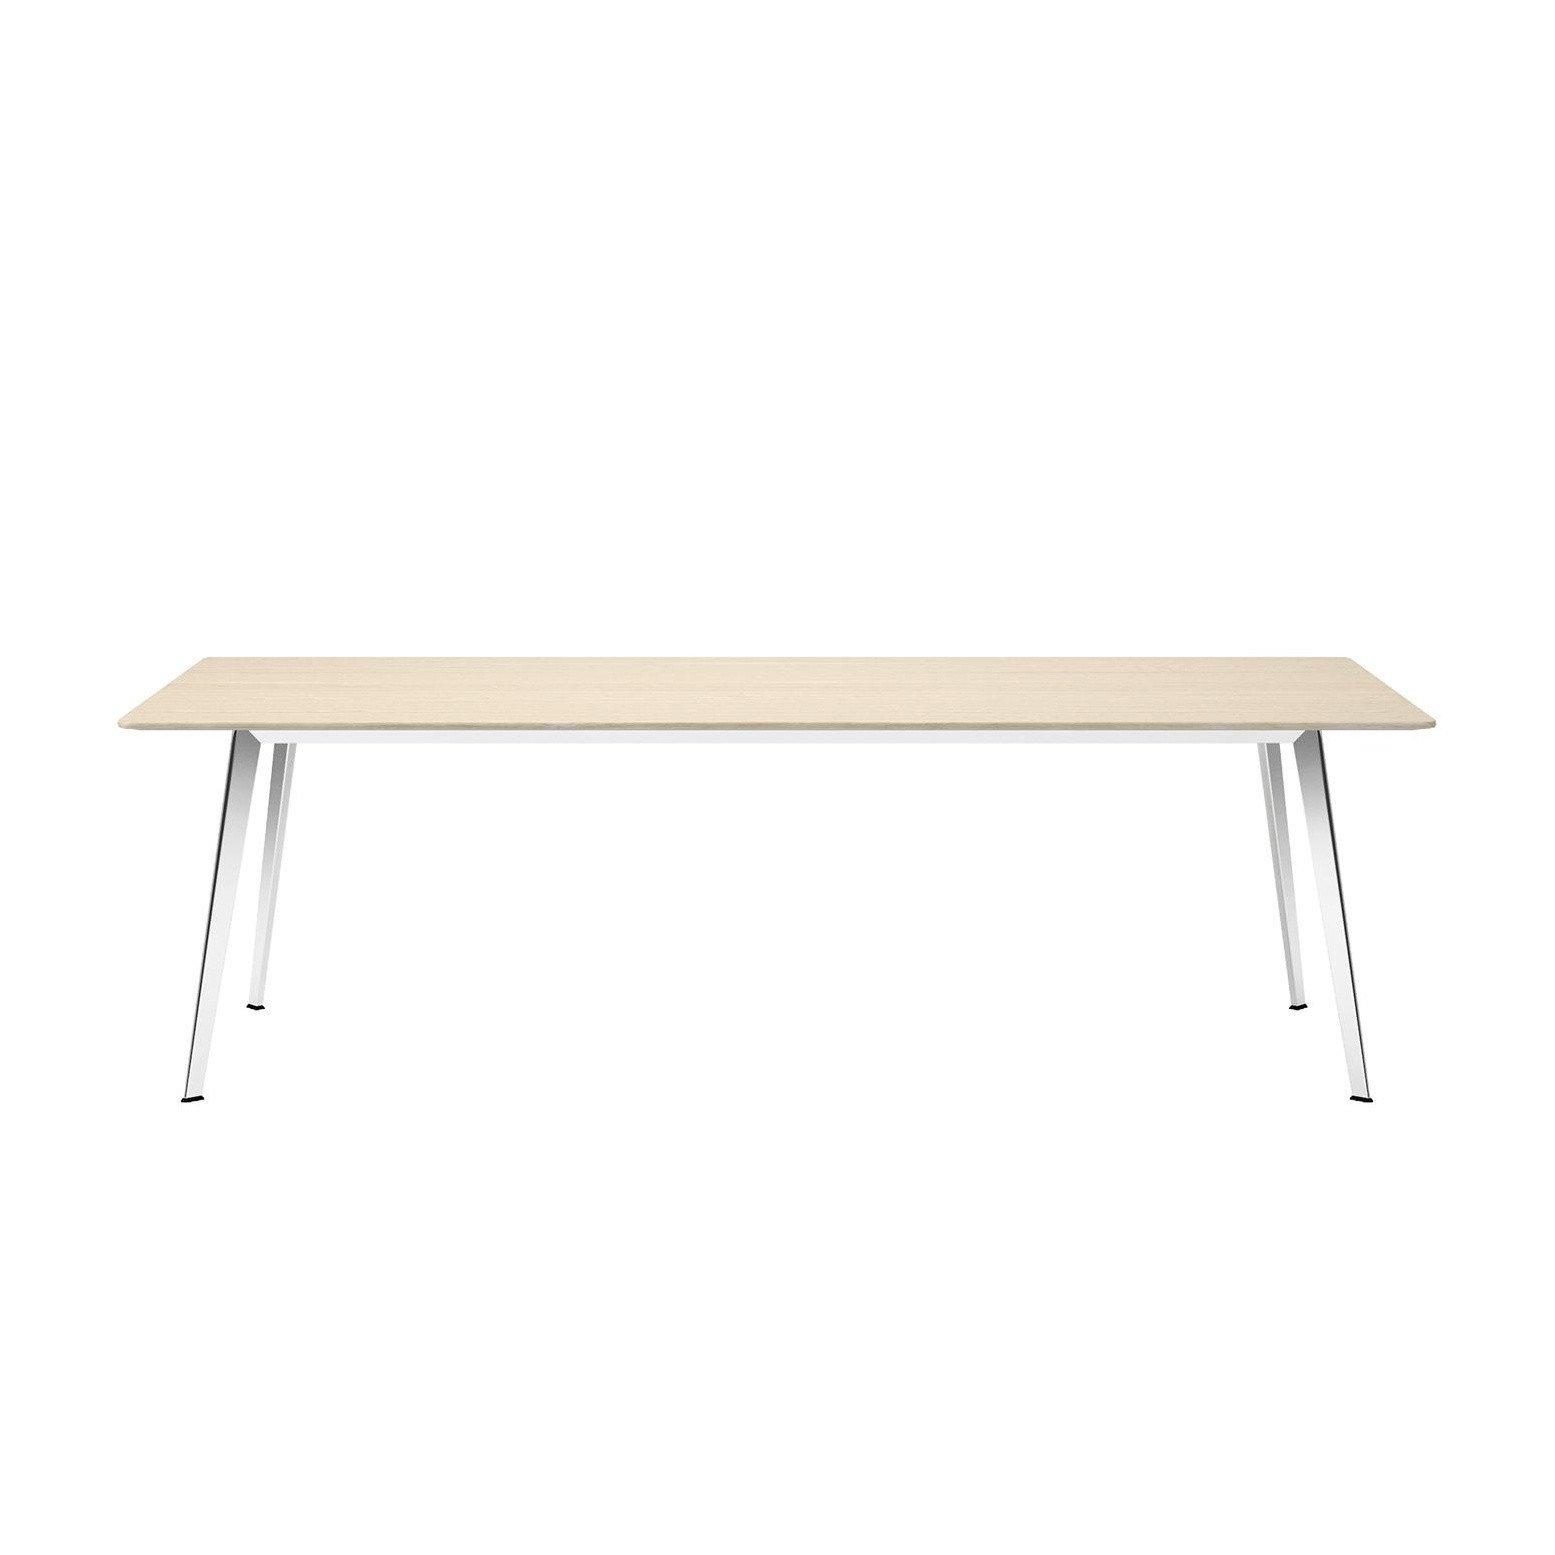 Außergewöhnlich Tisch Massiv Foto Von Montana - Jw 120x240cm - Eiche/massiv/gestell Aluminium